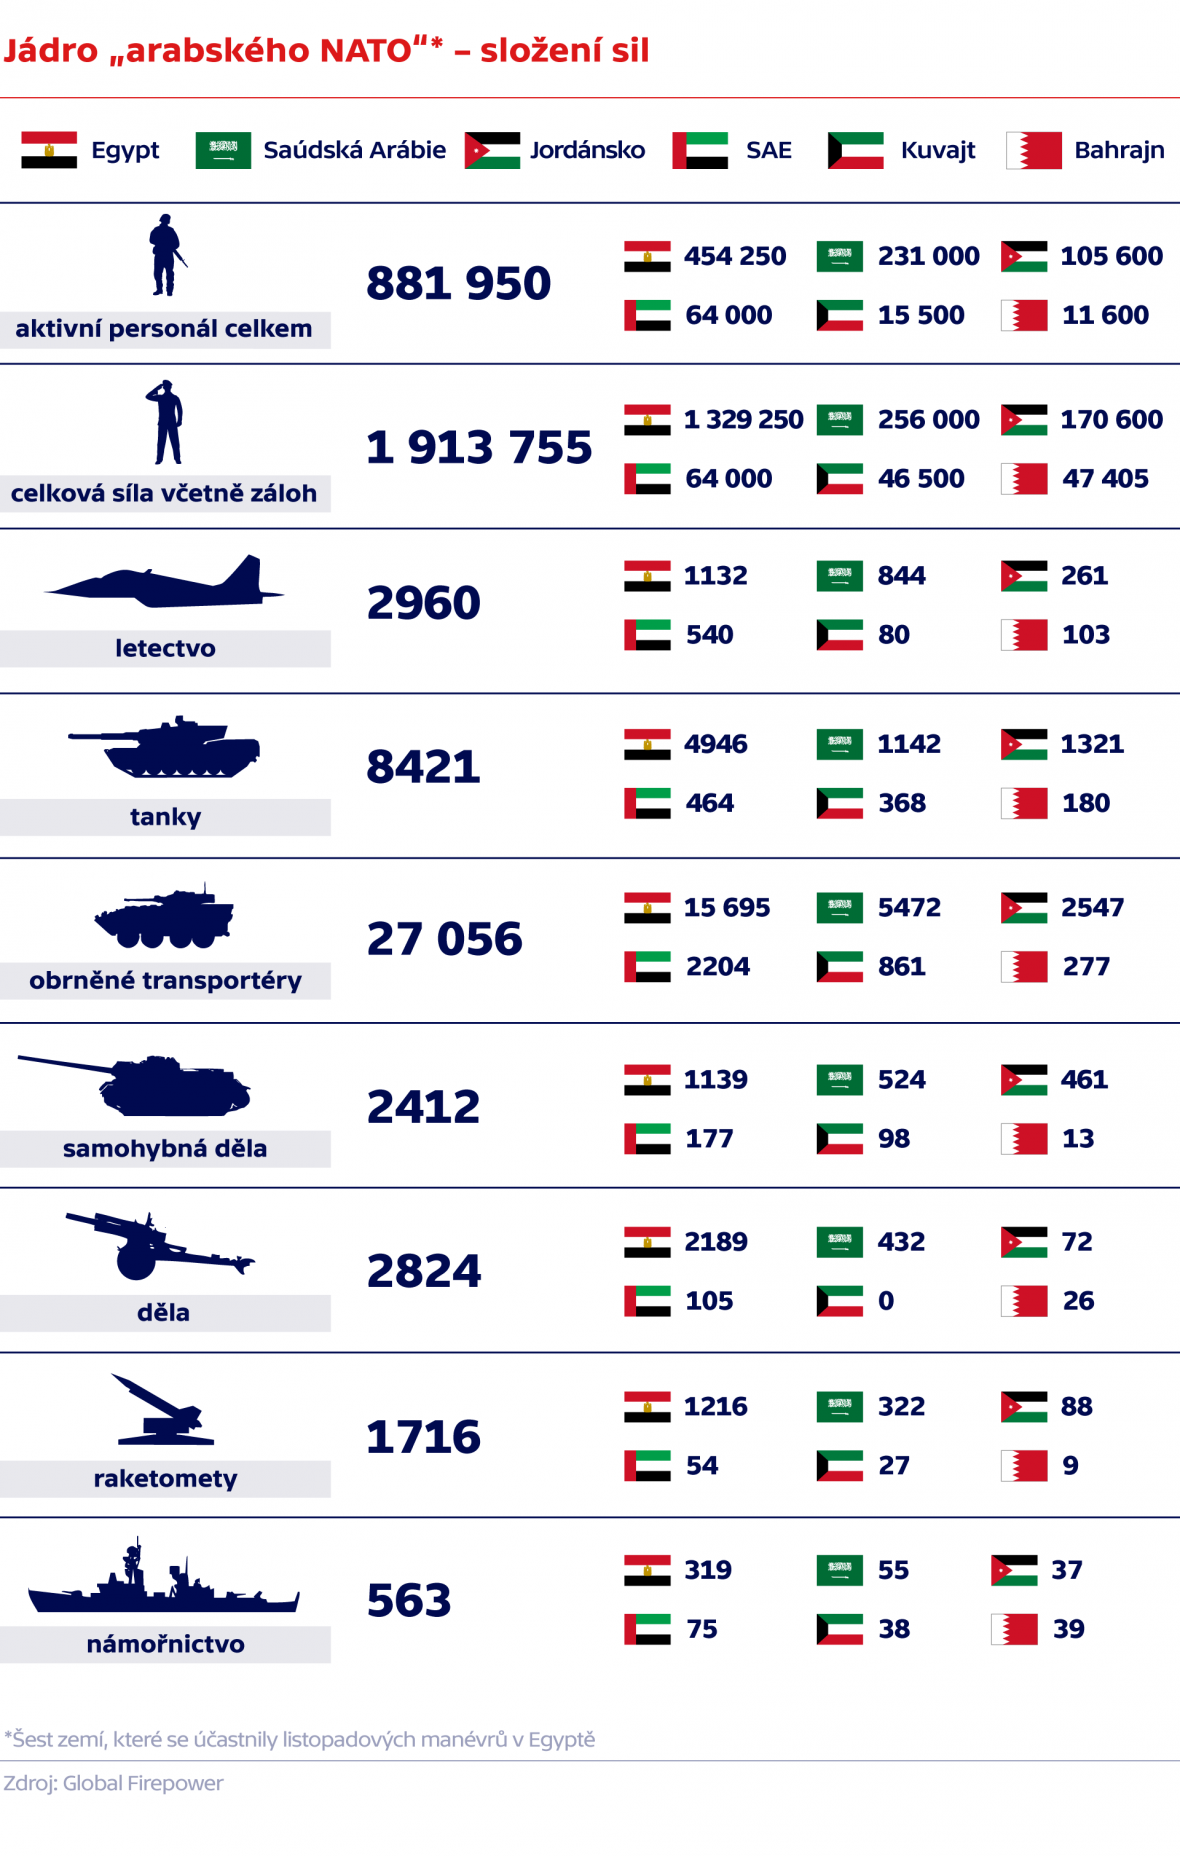 Složení sil jádra takzvaného arabského NATO